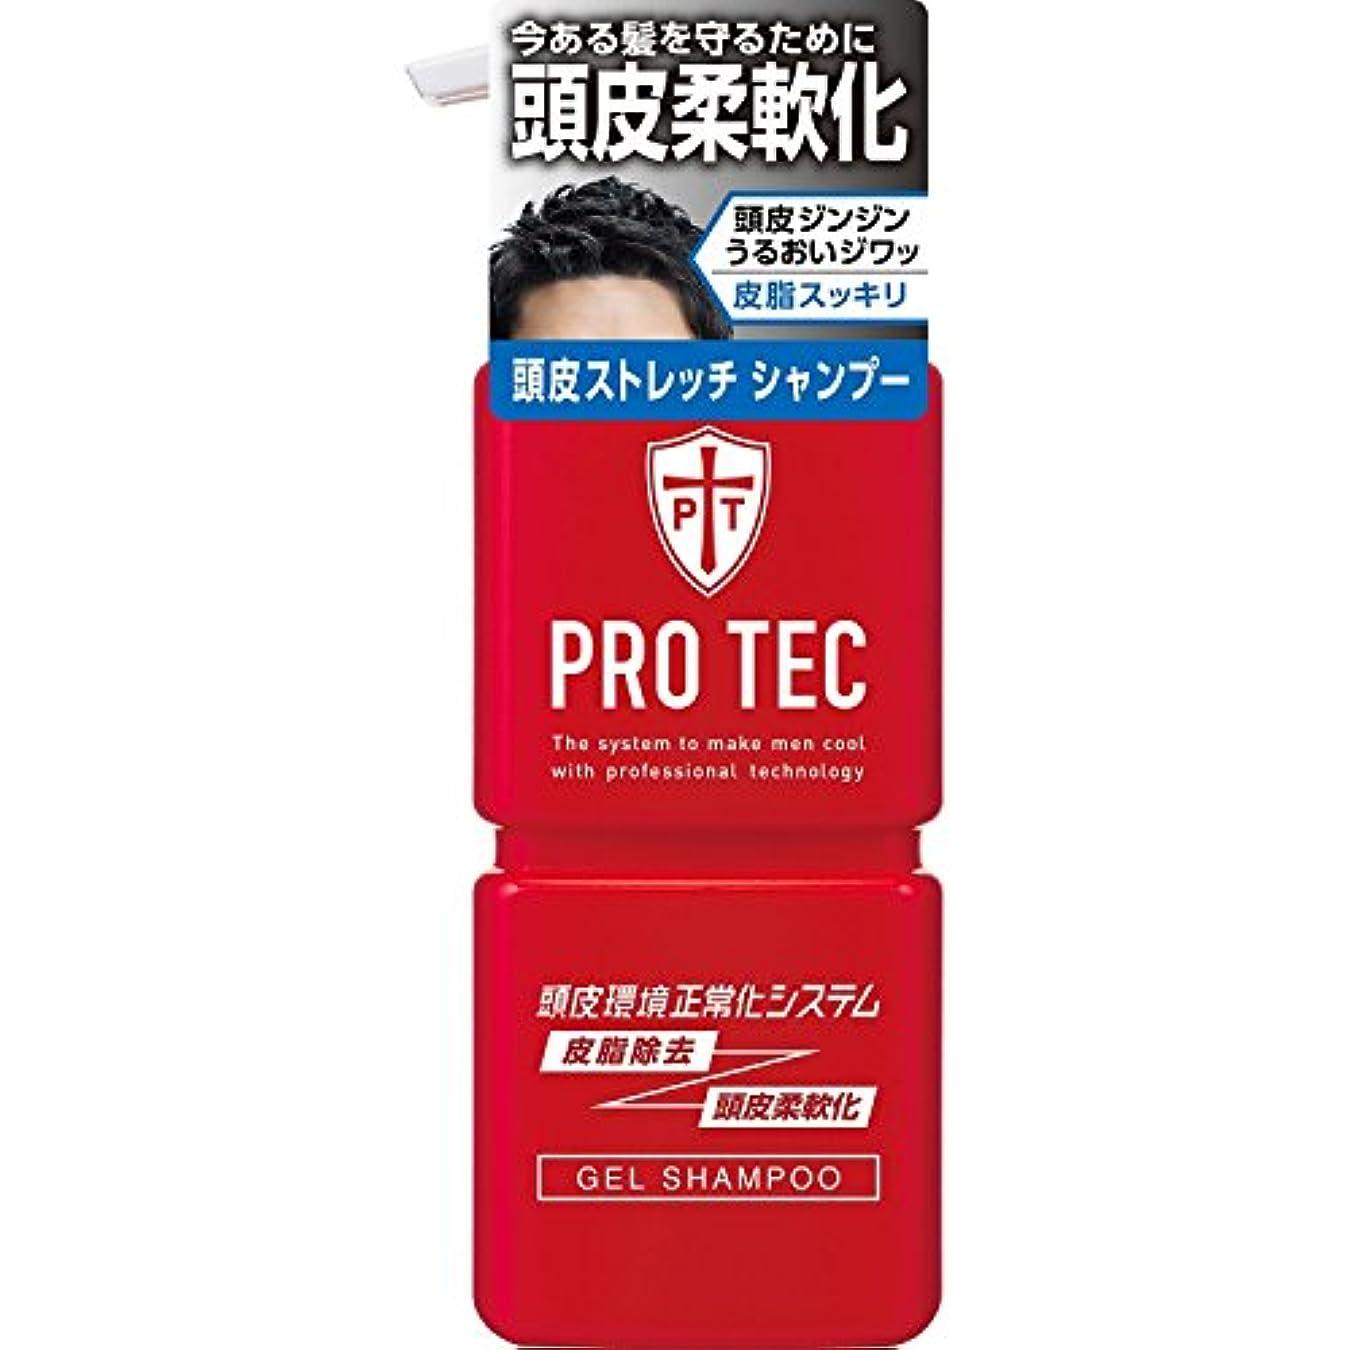 噴水効能あるラインナップPRO TEC(プロテク) 頭皮ストレッチ シャンプー 本体ポンプ 300g(医薬部外品)